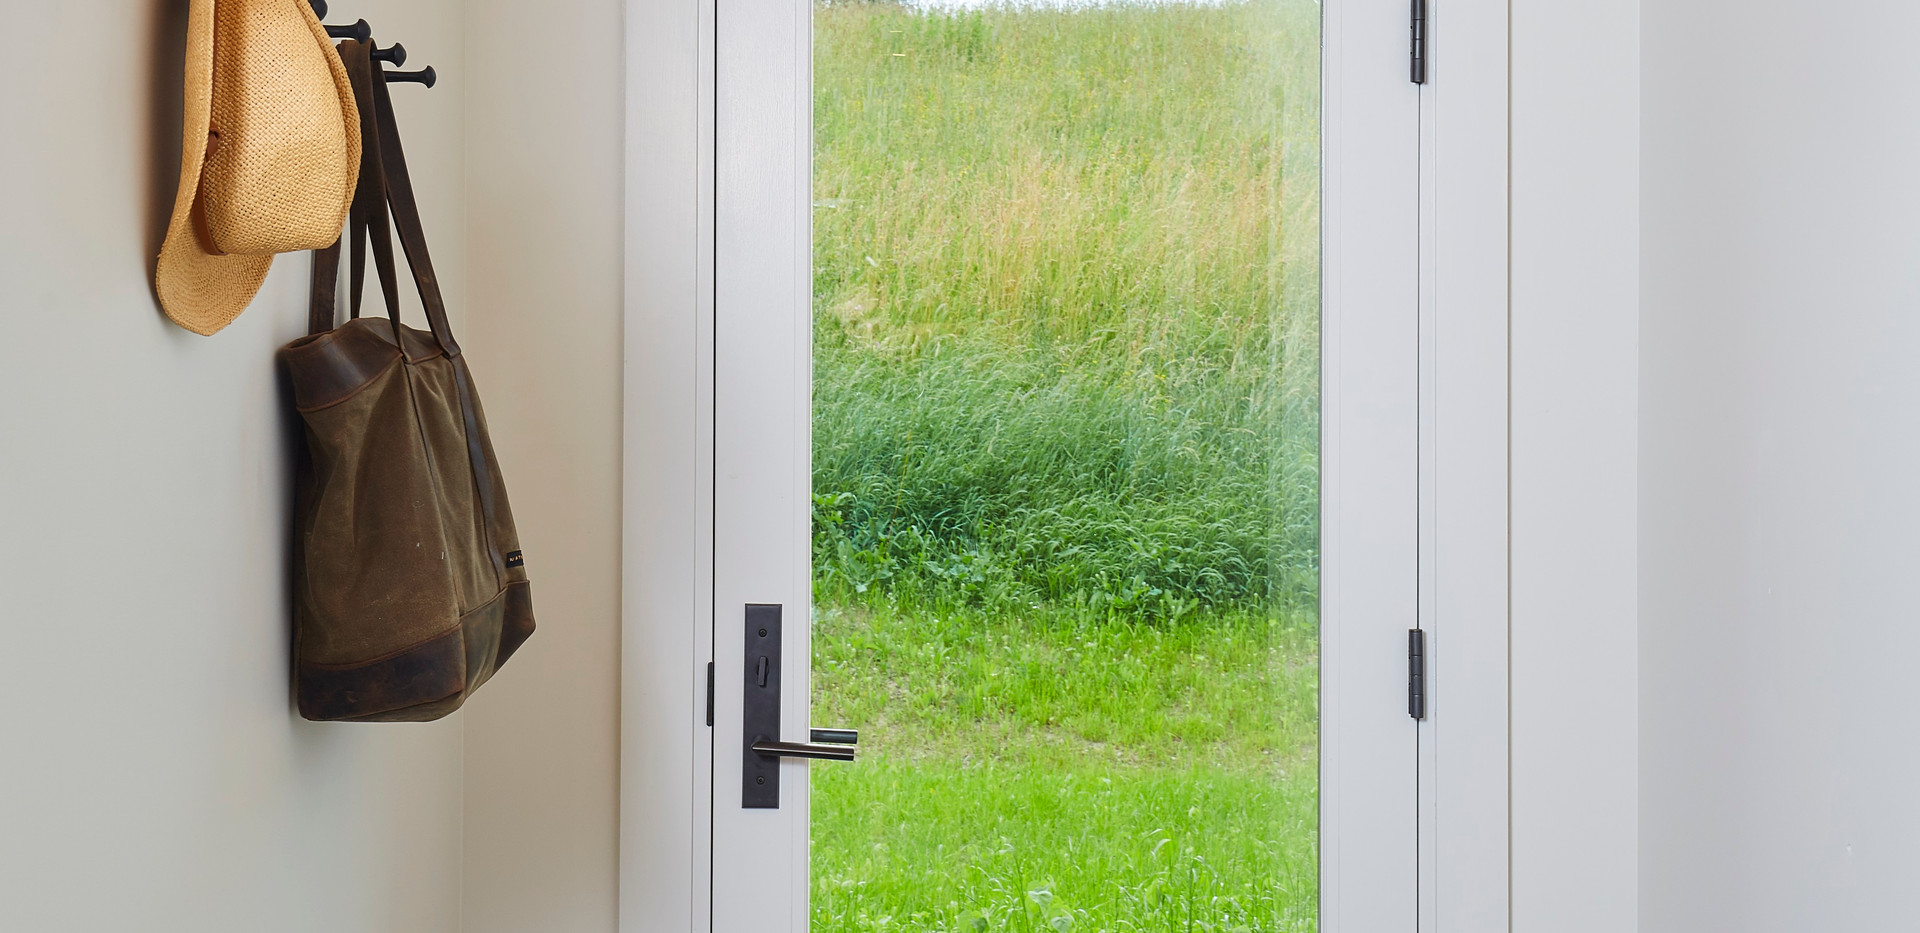 519-House_Door-1.jpg